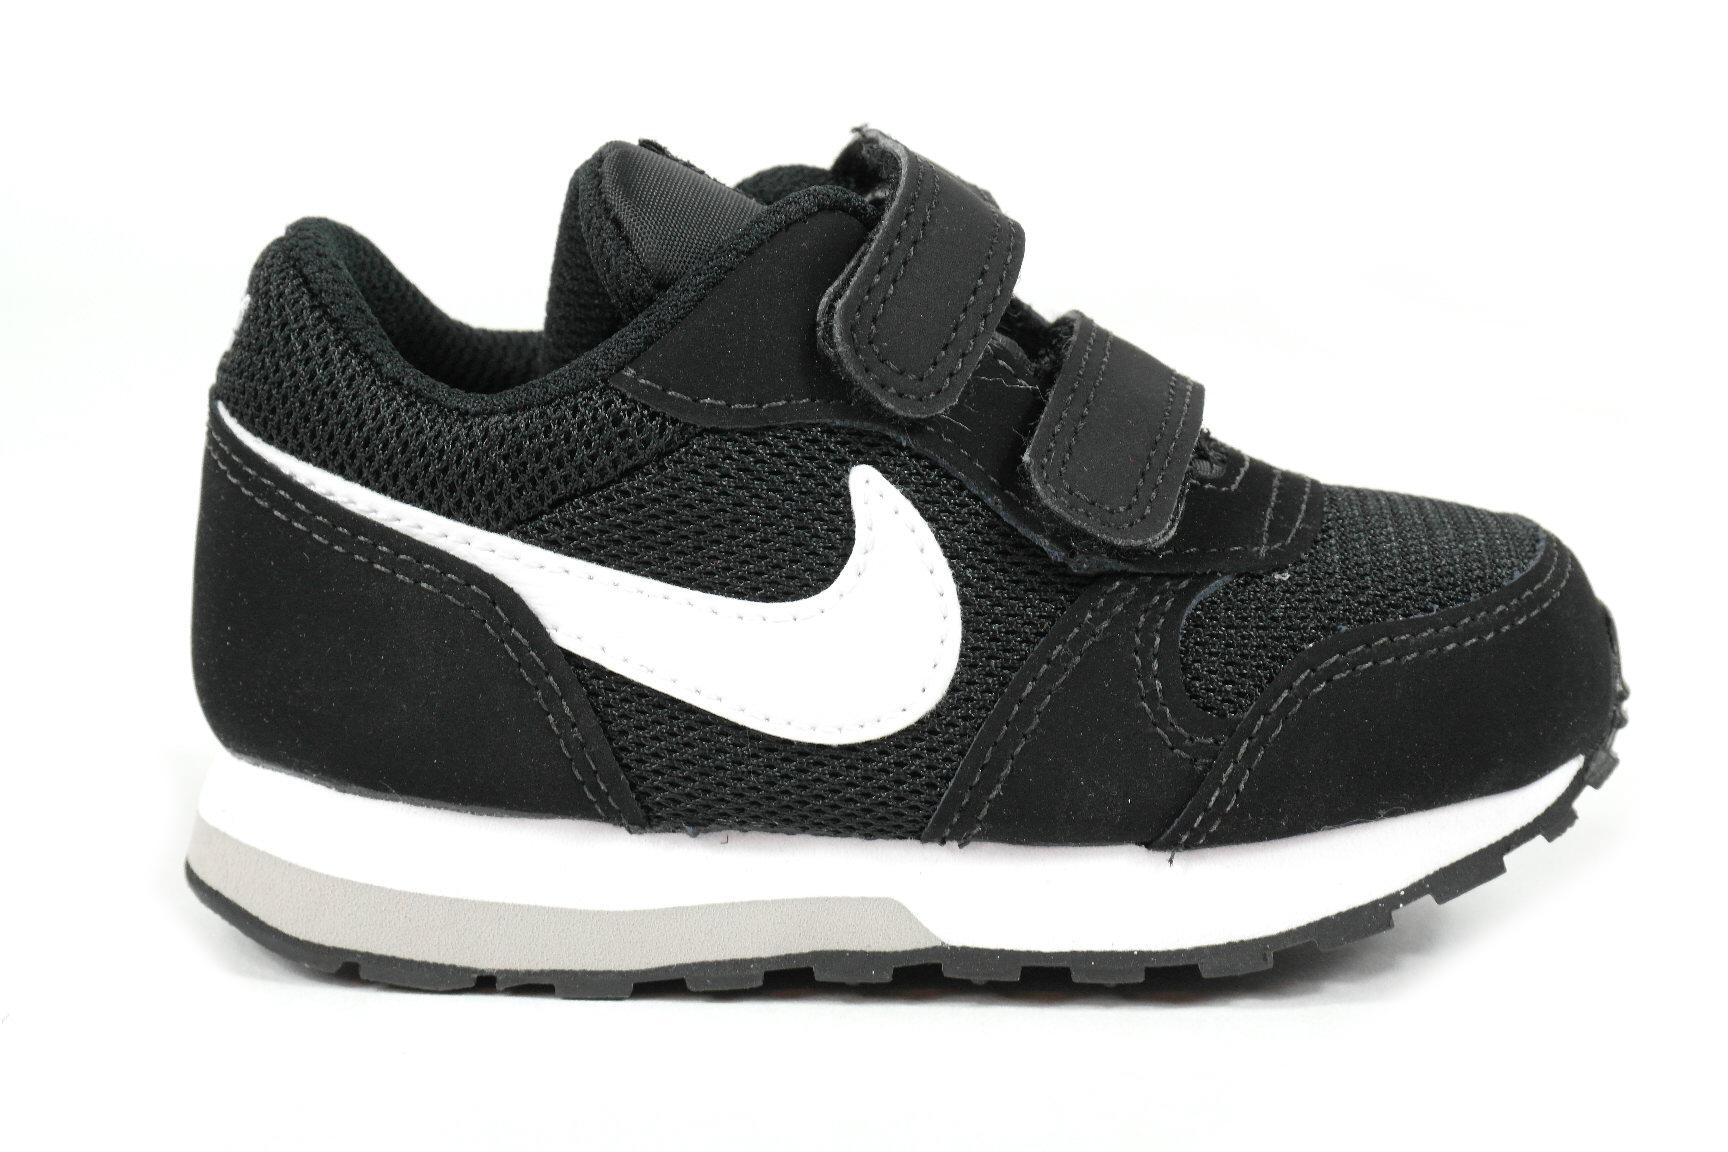 df17709a4cc Nike MD Runner 2 baby schoenen zwart